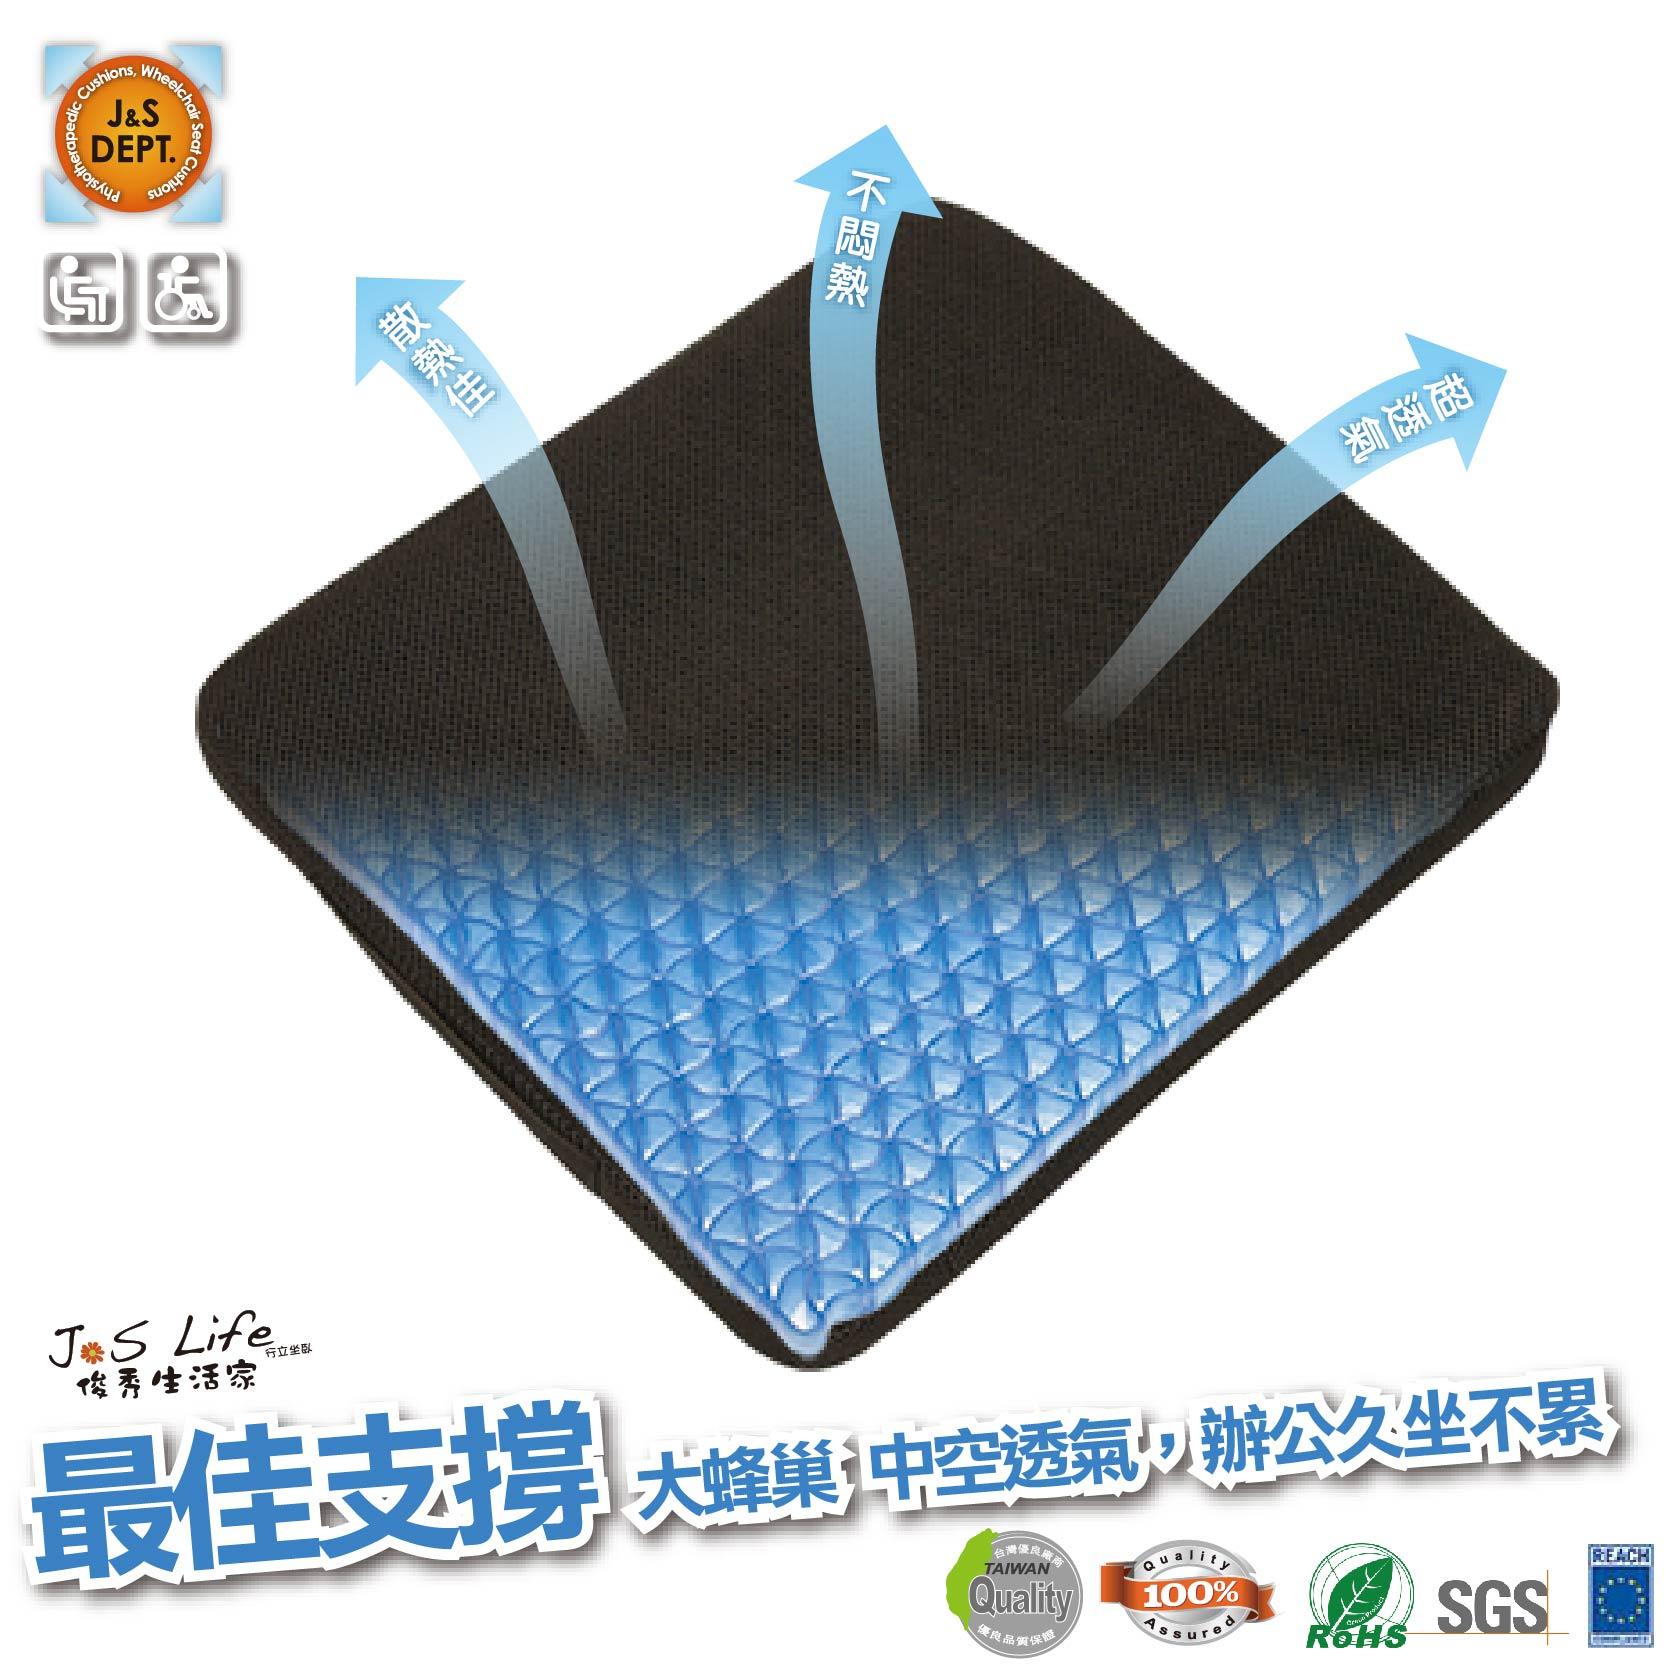 俊秀生活家 凝膠減壓果凍坐墊(辦公/居家款)